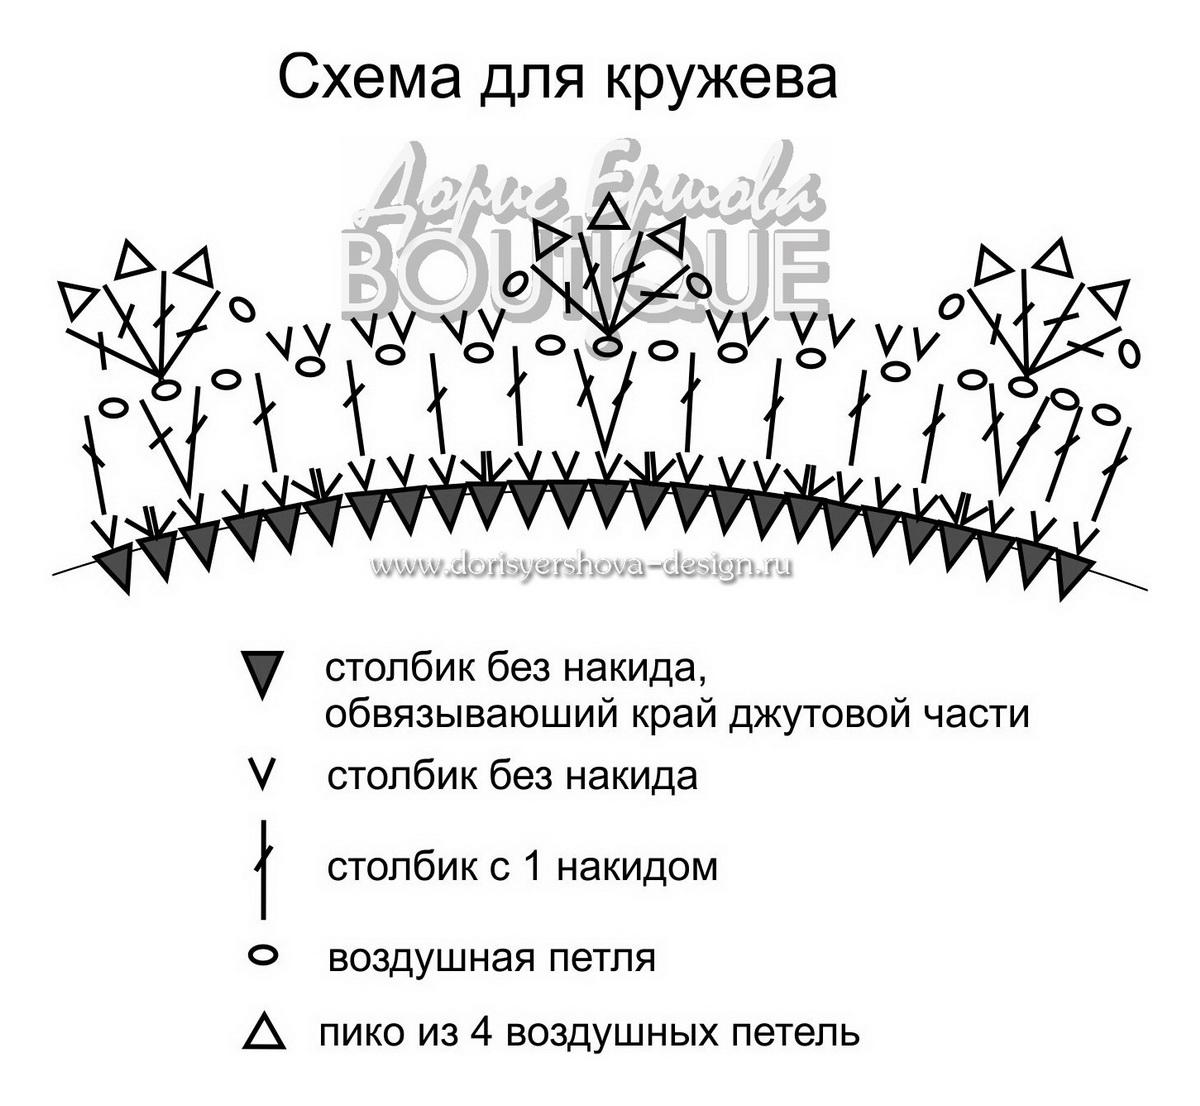 схема для кружева, дизайн Дорис Ершовой